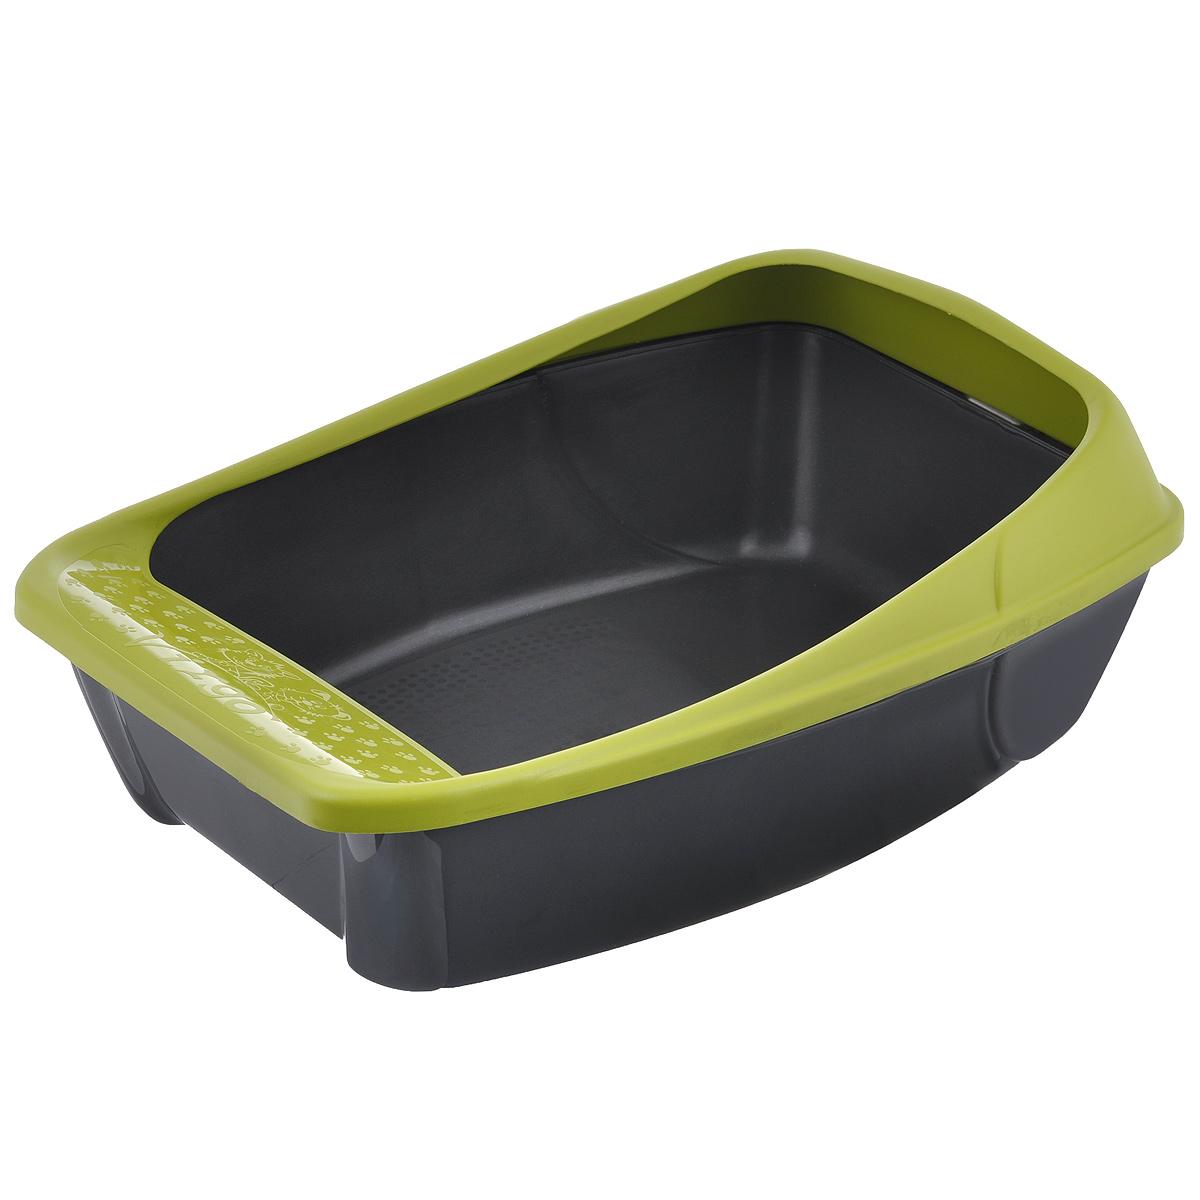 Фото - Туалет для кошек MPS Virgo, с бортом, цвет: салатовый, 52 см х 39 см х 20 см smile mps 3400